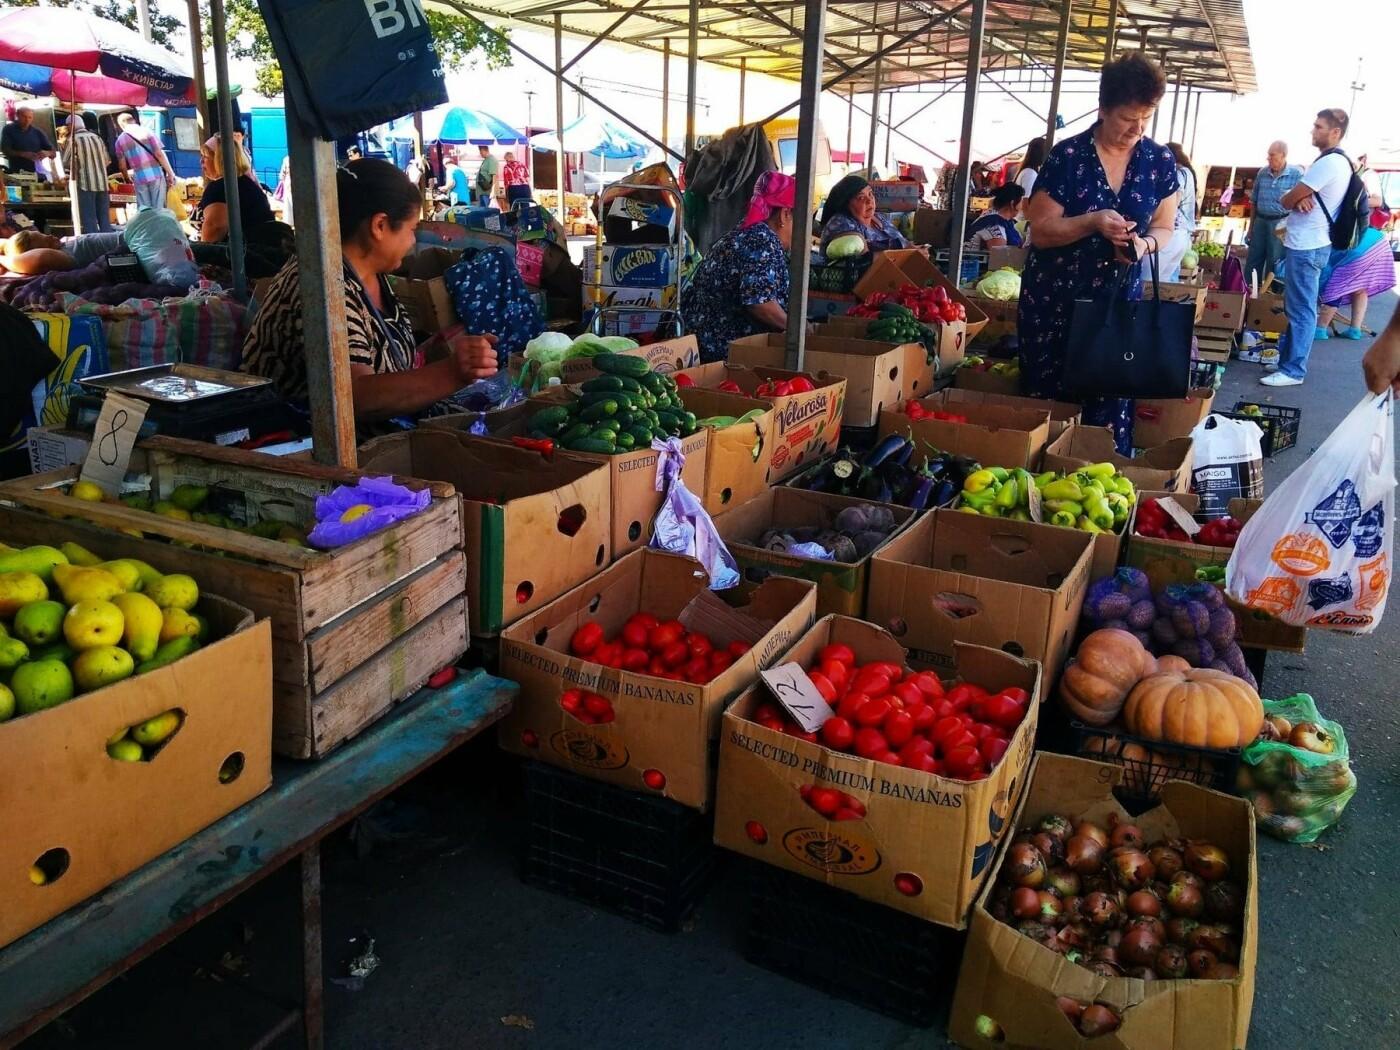 Ищем, где дешевле в Одессе: обзор цен на продукты на рынках Котовского, - ФОТО, ИНФОГРАФИКА, фото-3